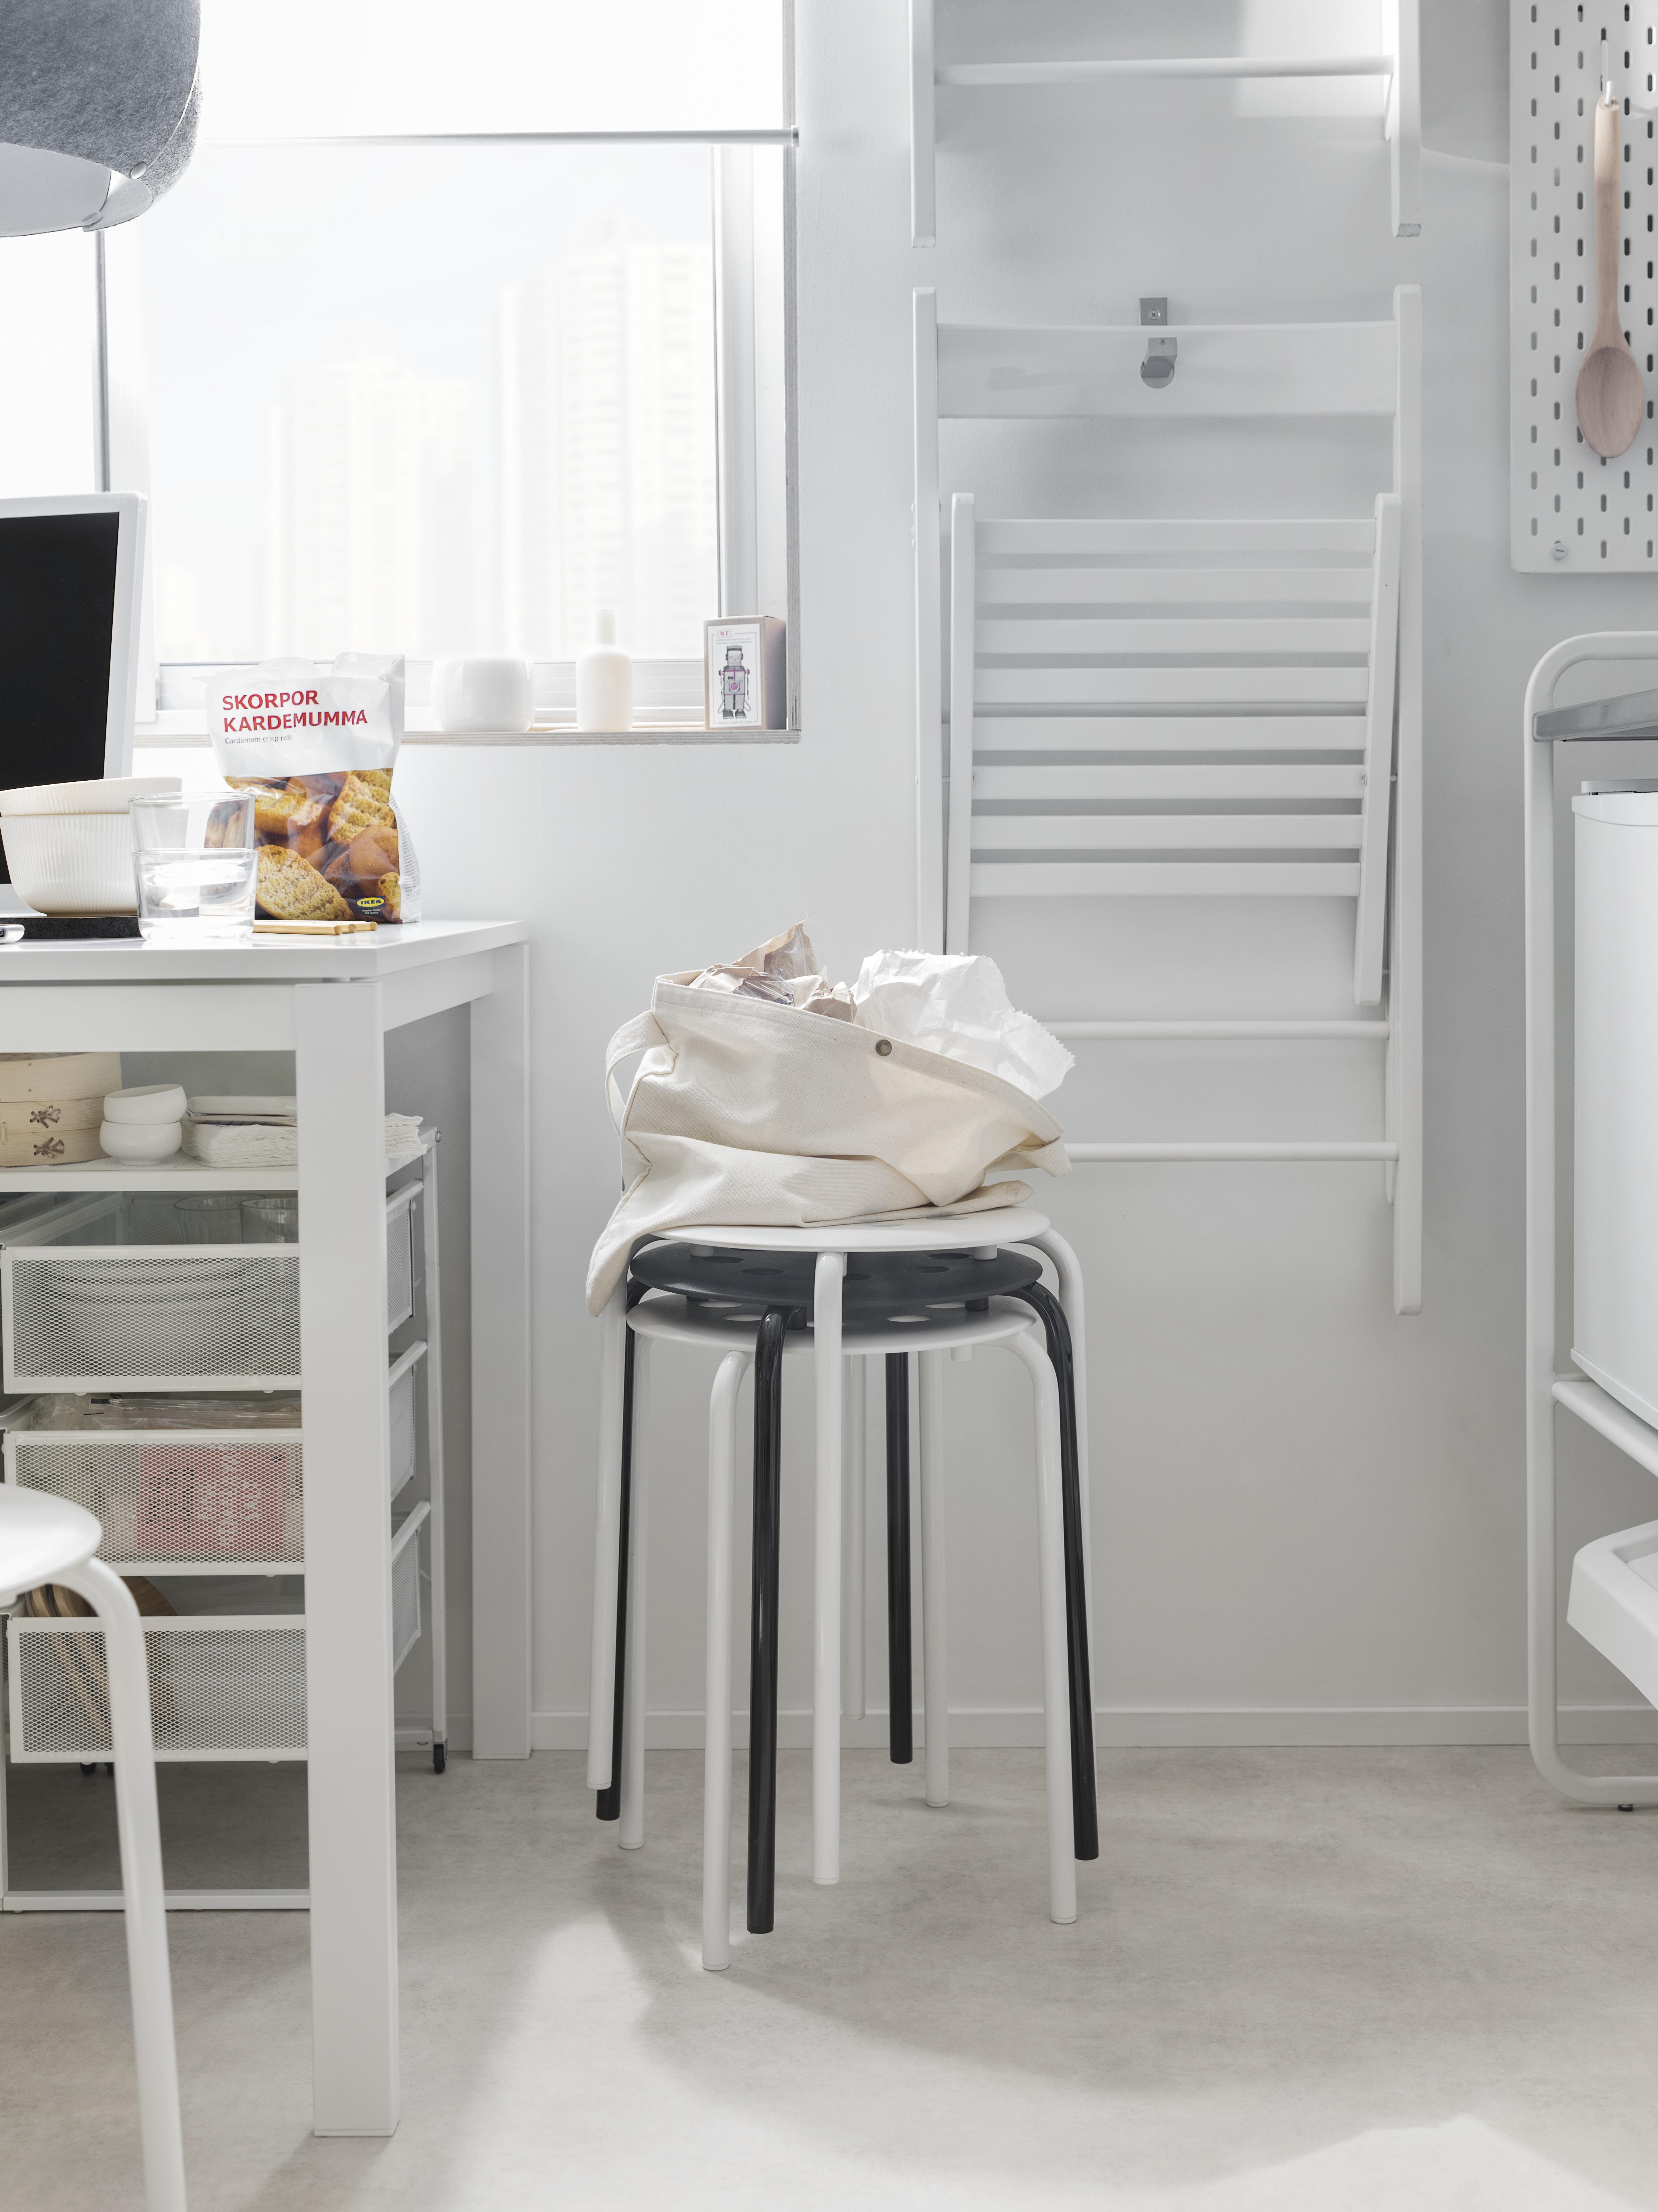 Kuhinjski kutak ima naslagane MARIUS stolce uz bijeli stol i ispred bijelih sklopivih stolica koje vise na zidu.